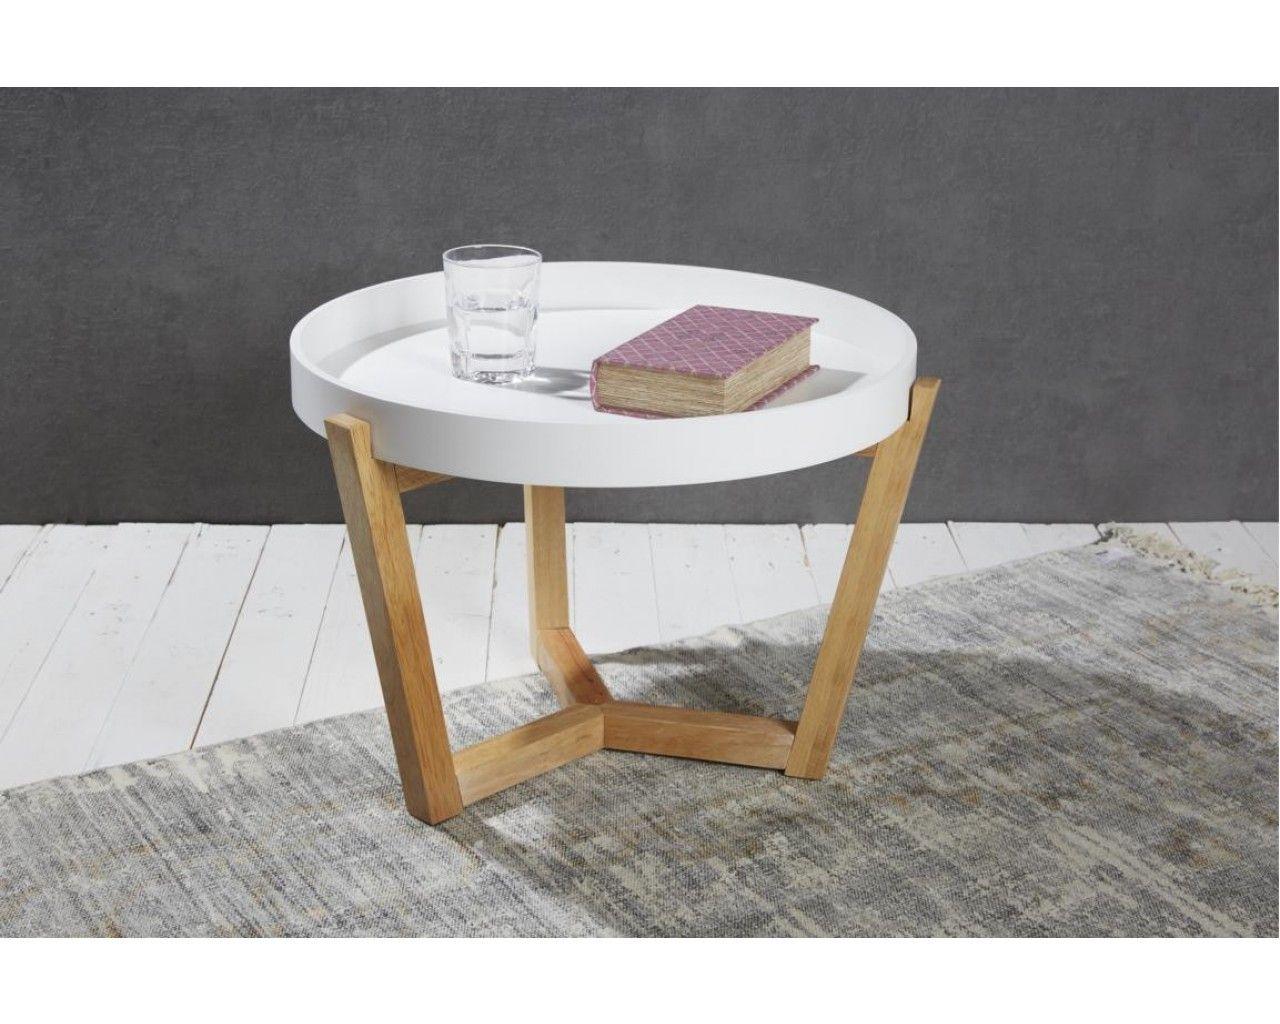 Tablett Tisch Rund Aus Holz Top Design Hier In 2020 Holztisch Ausziehbar Holztisch Baumstamm Tisch